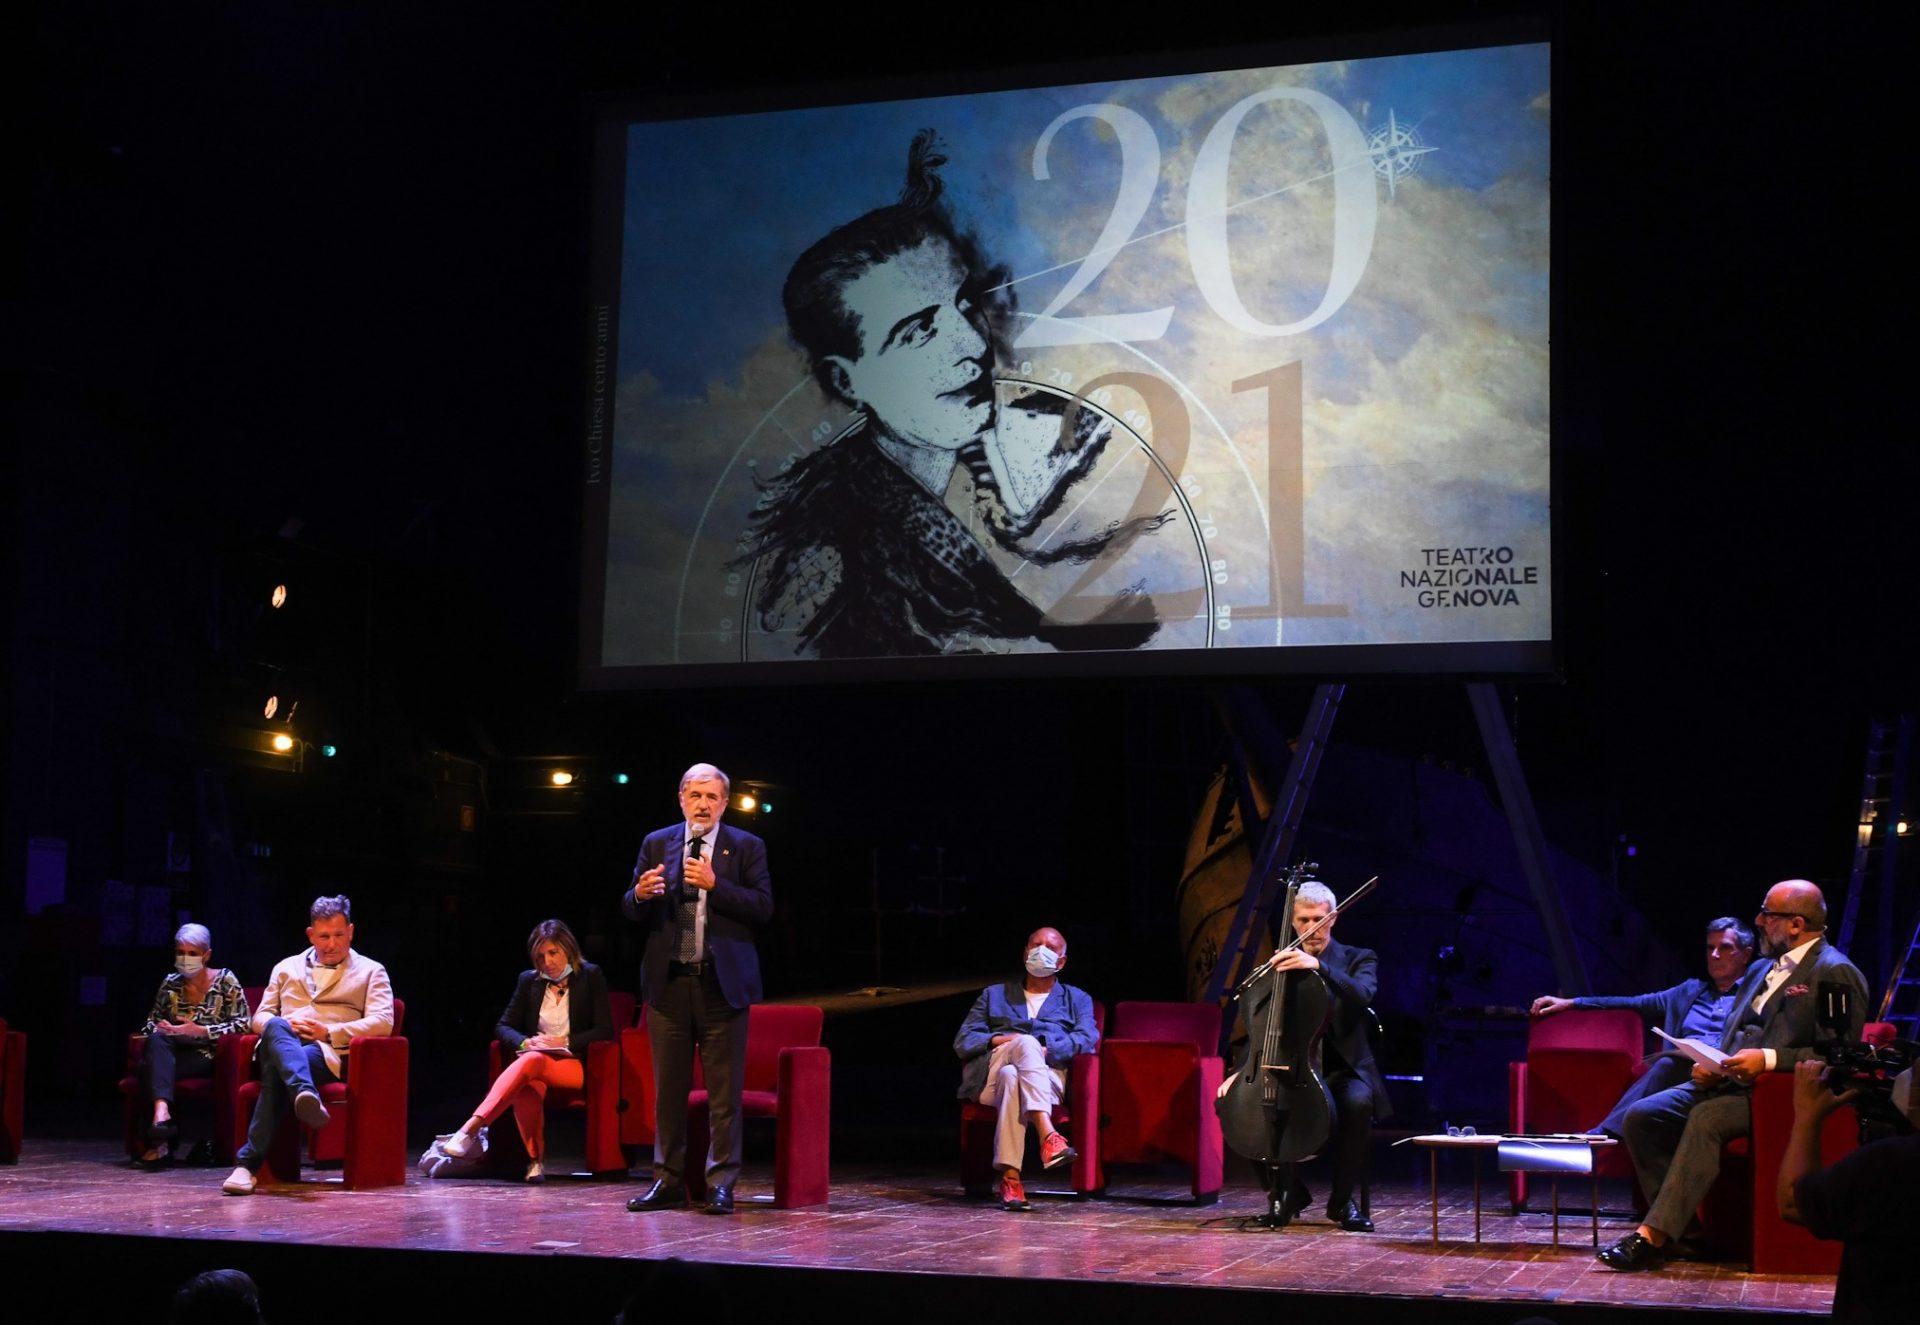 Teatro-Nazional-genova-stagione